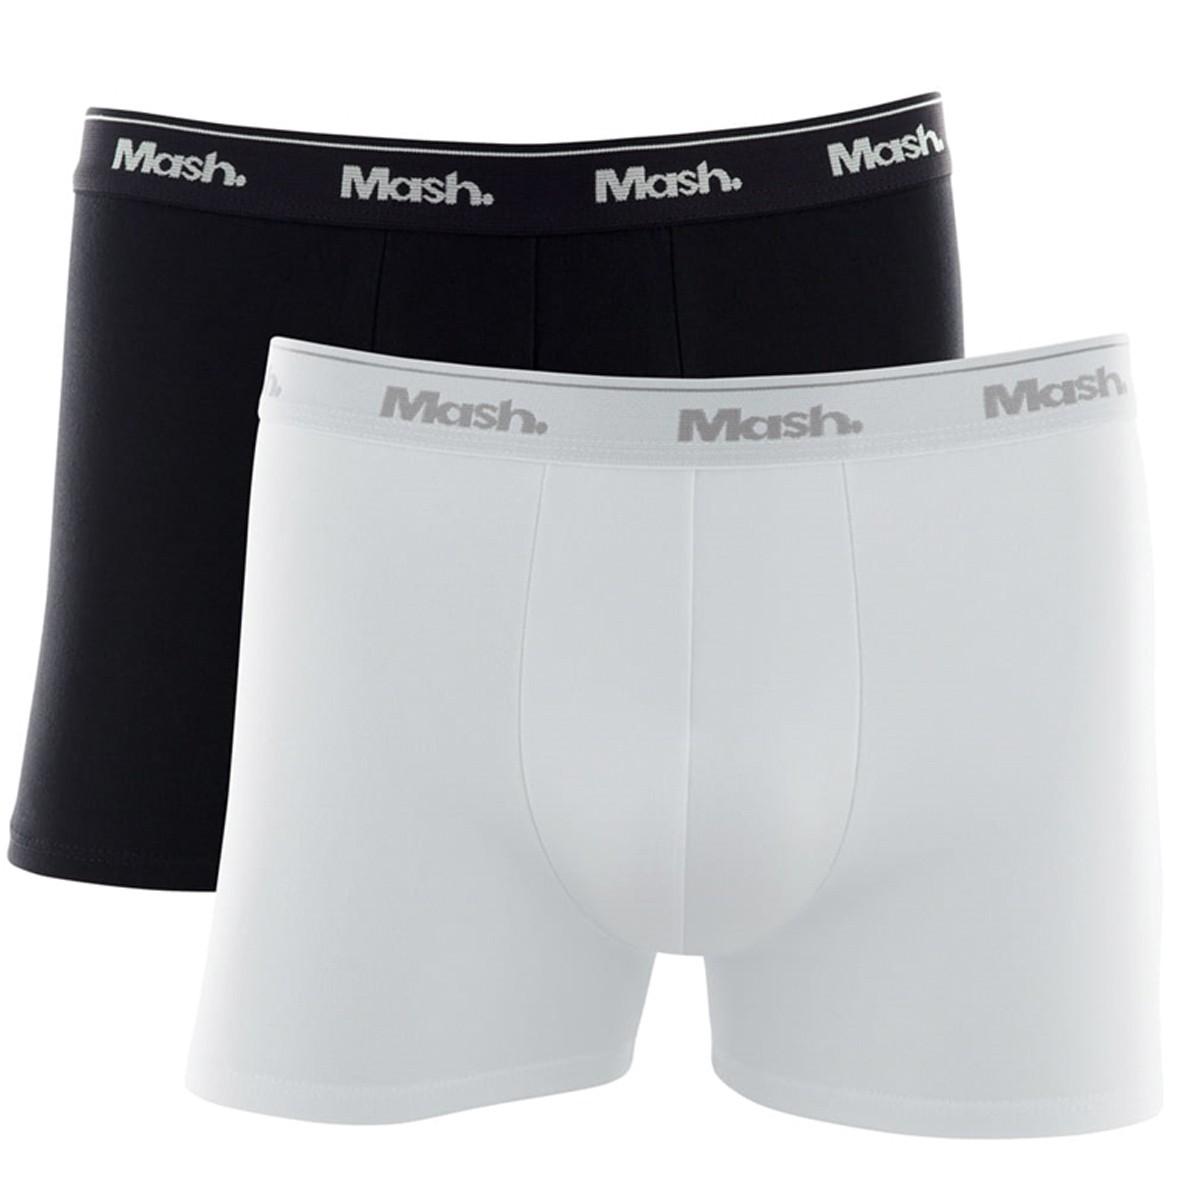 KIT com 2 Cuecas plus size modelo boxer lisa em algodão Mash